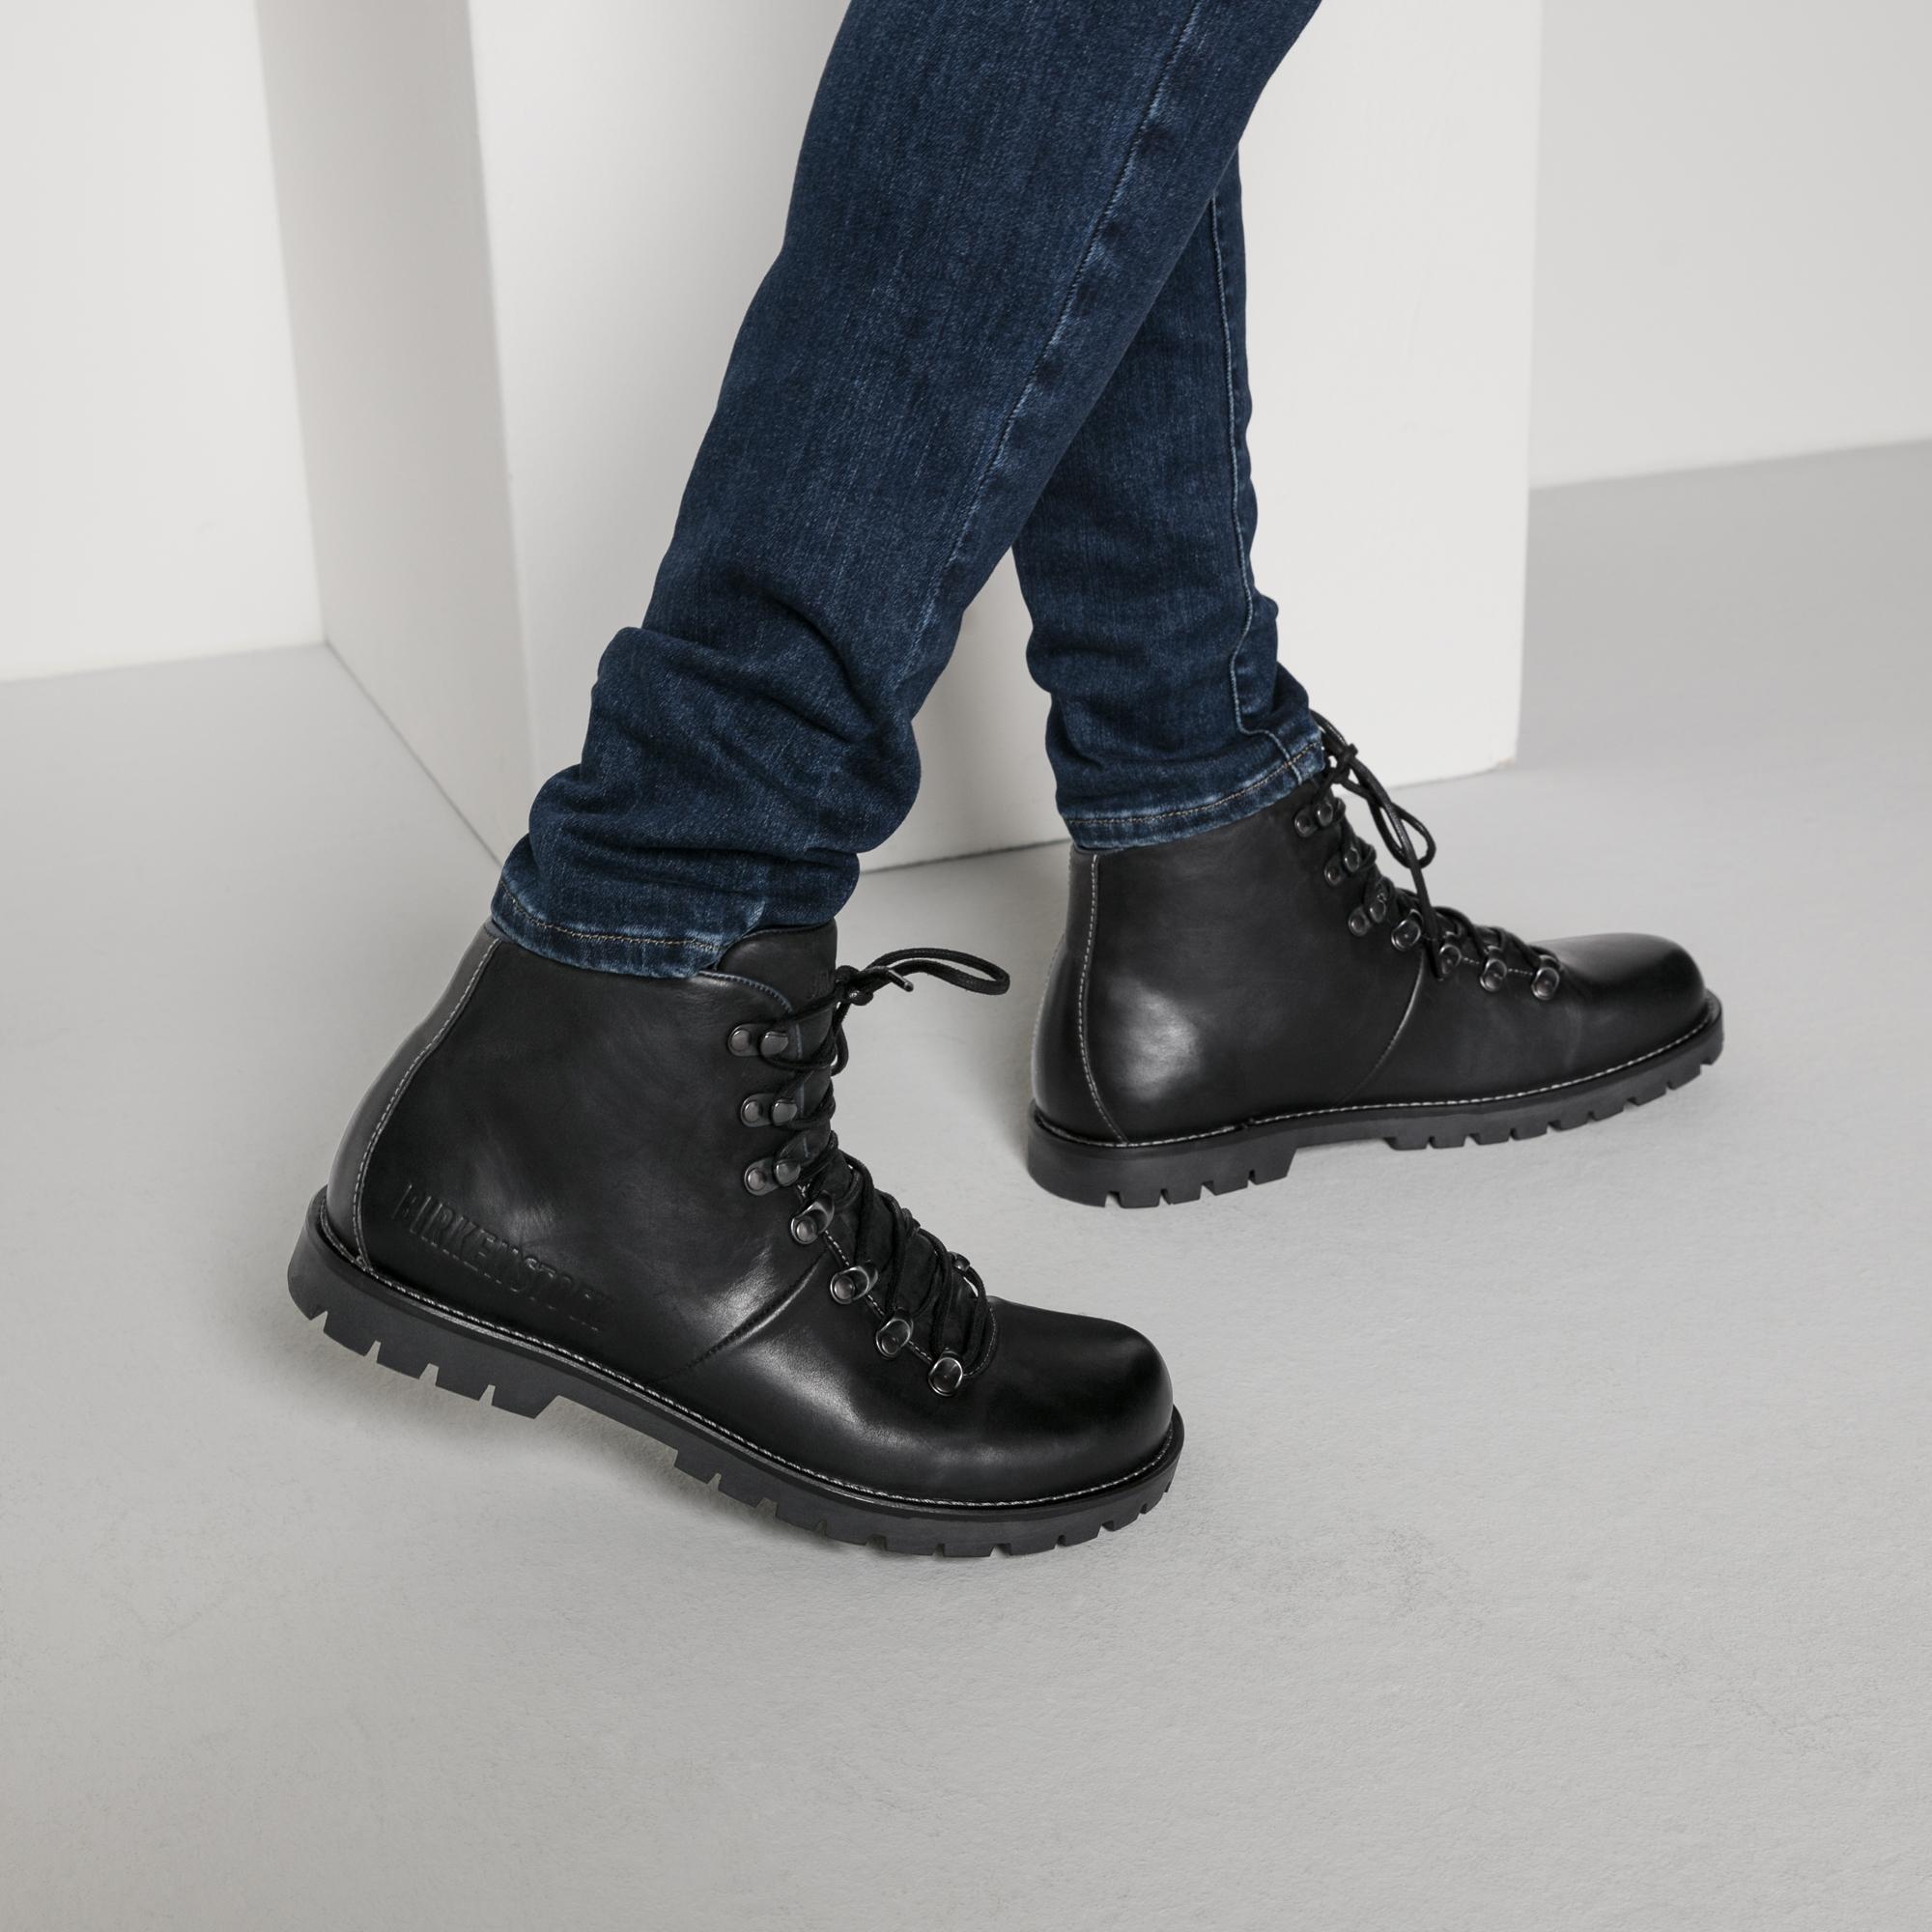 hancock oiled leather ブラック birkenstockでオンラインショッピング